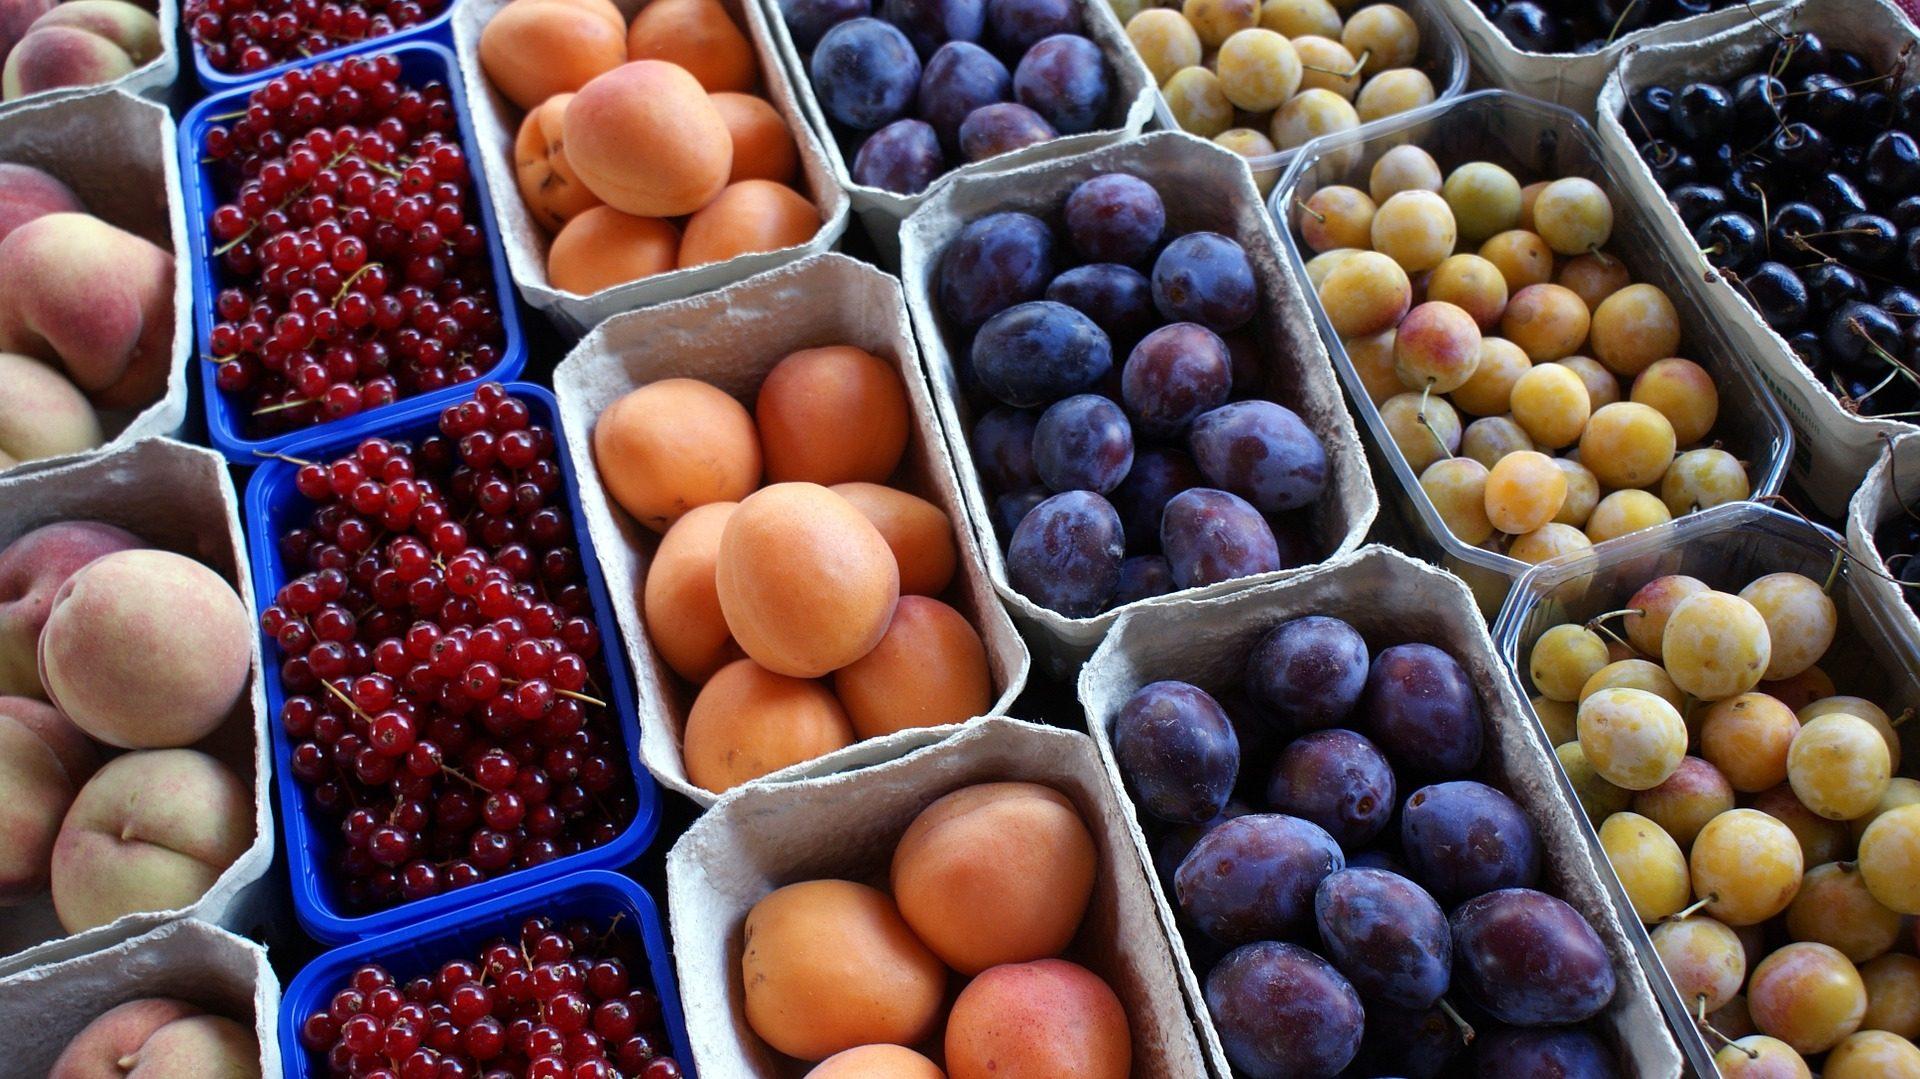 frutta, vassoi, colorato, diversità, sano, dieta - Sfondi HD - Professor-falken.com